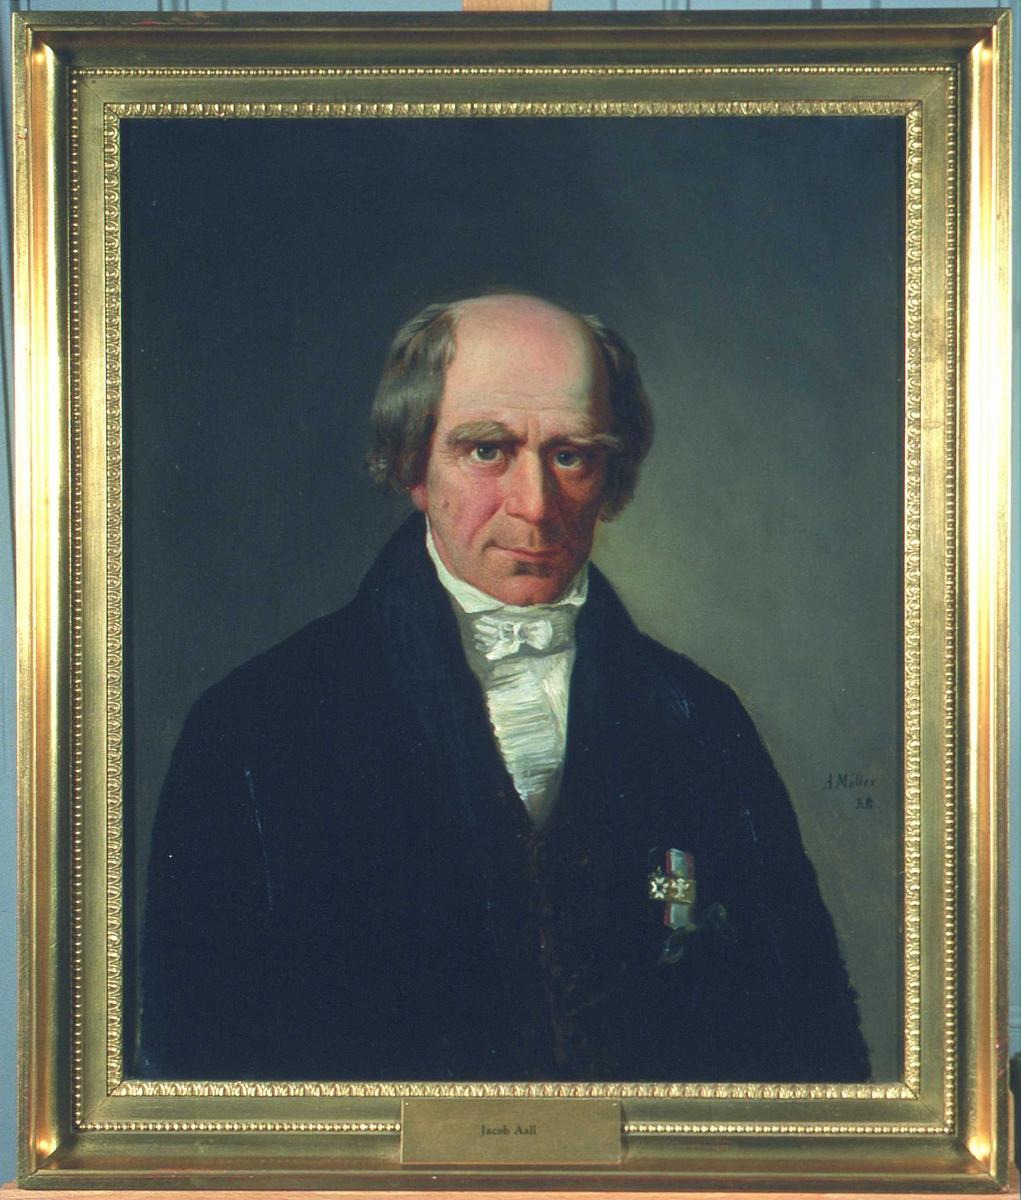 Portrett av Jacob Aall. Mørk kjol (jakke), brun vest, hvit skjorte m/halstørkle. To ordener.